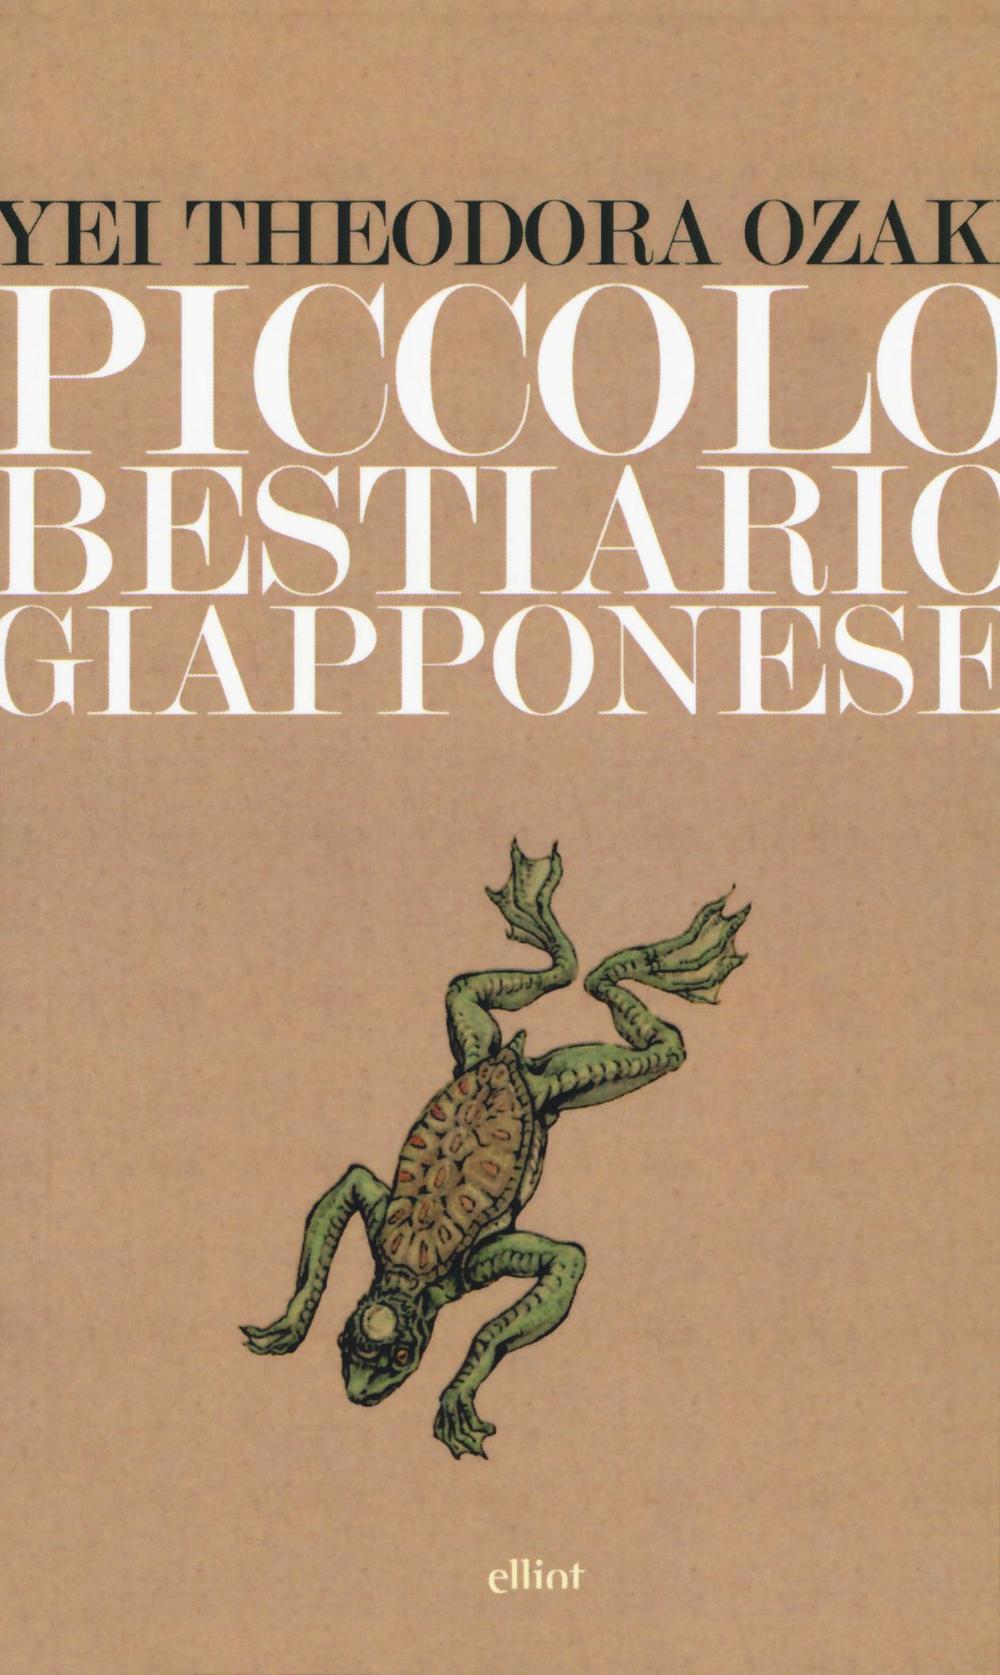 PICCOLO BESTIARIO GIAPPONESE - YEI THEODORA OZAKI - 9788869932274